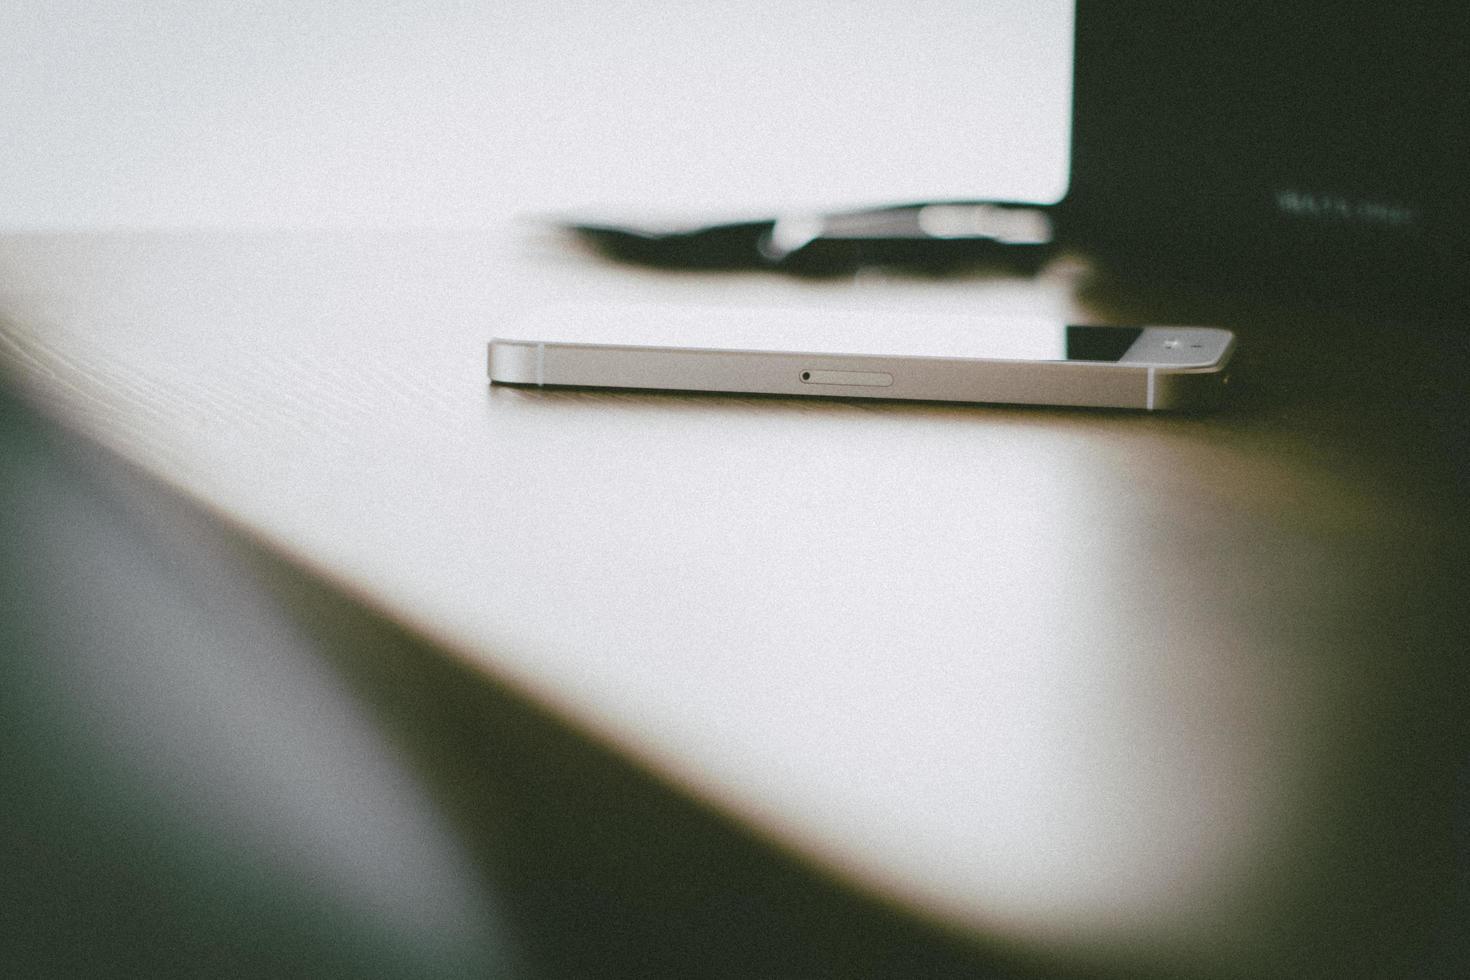 édition granuleuse de l'iphone 5 photo